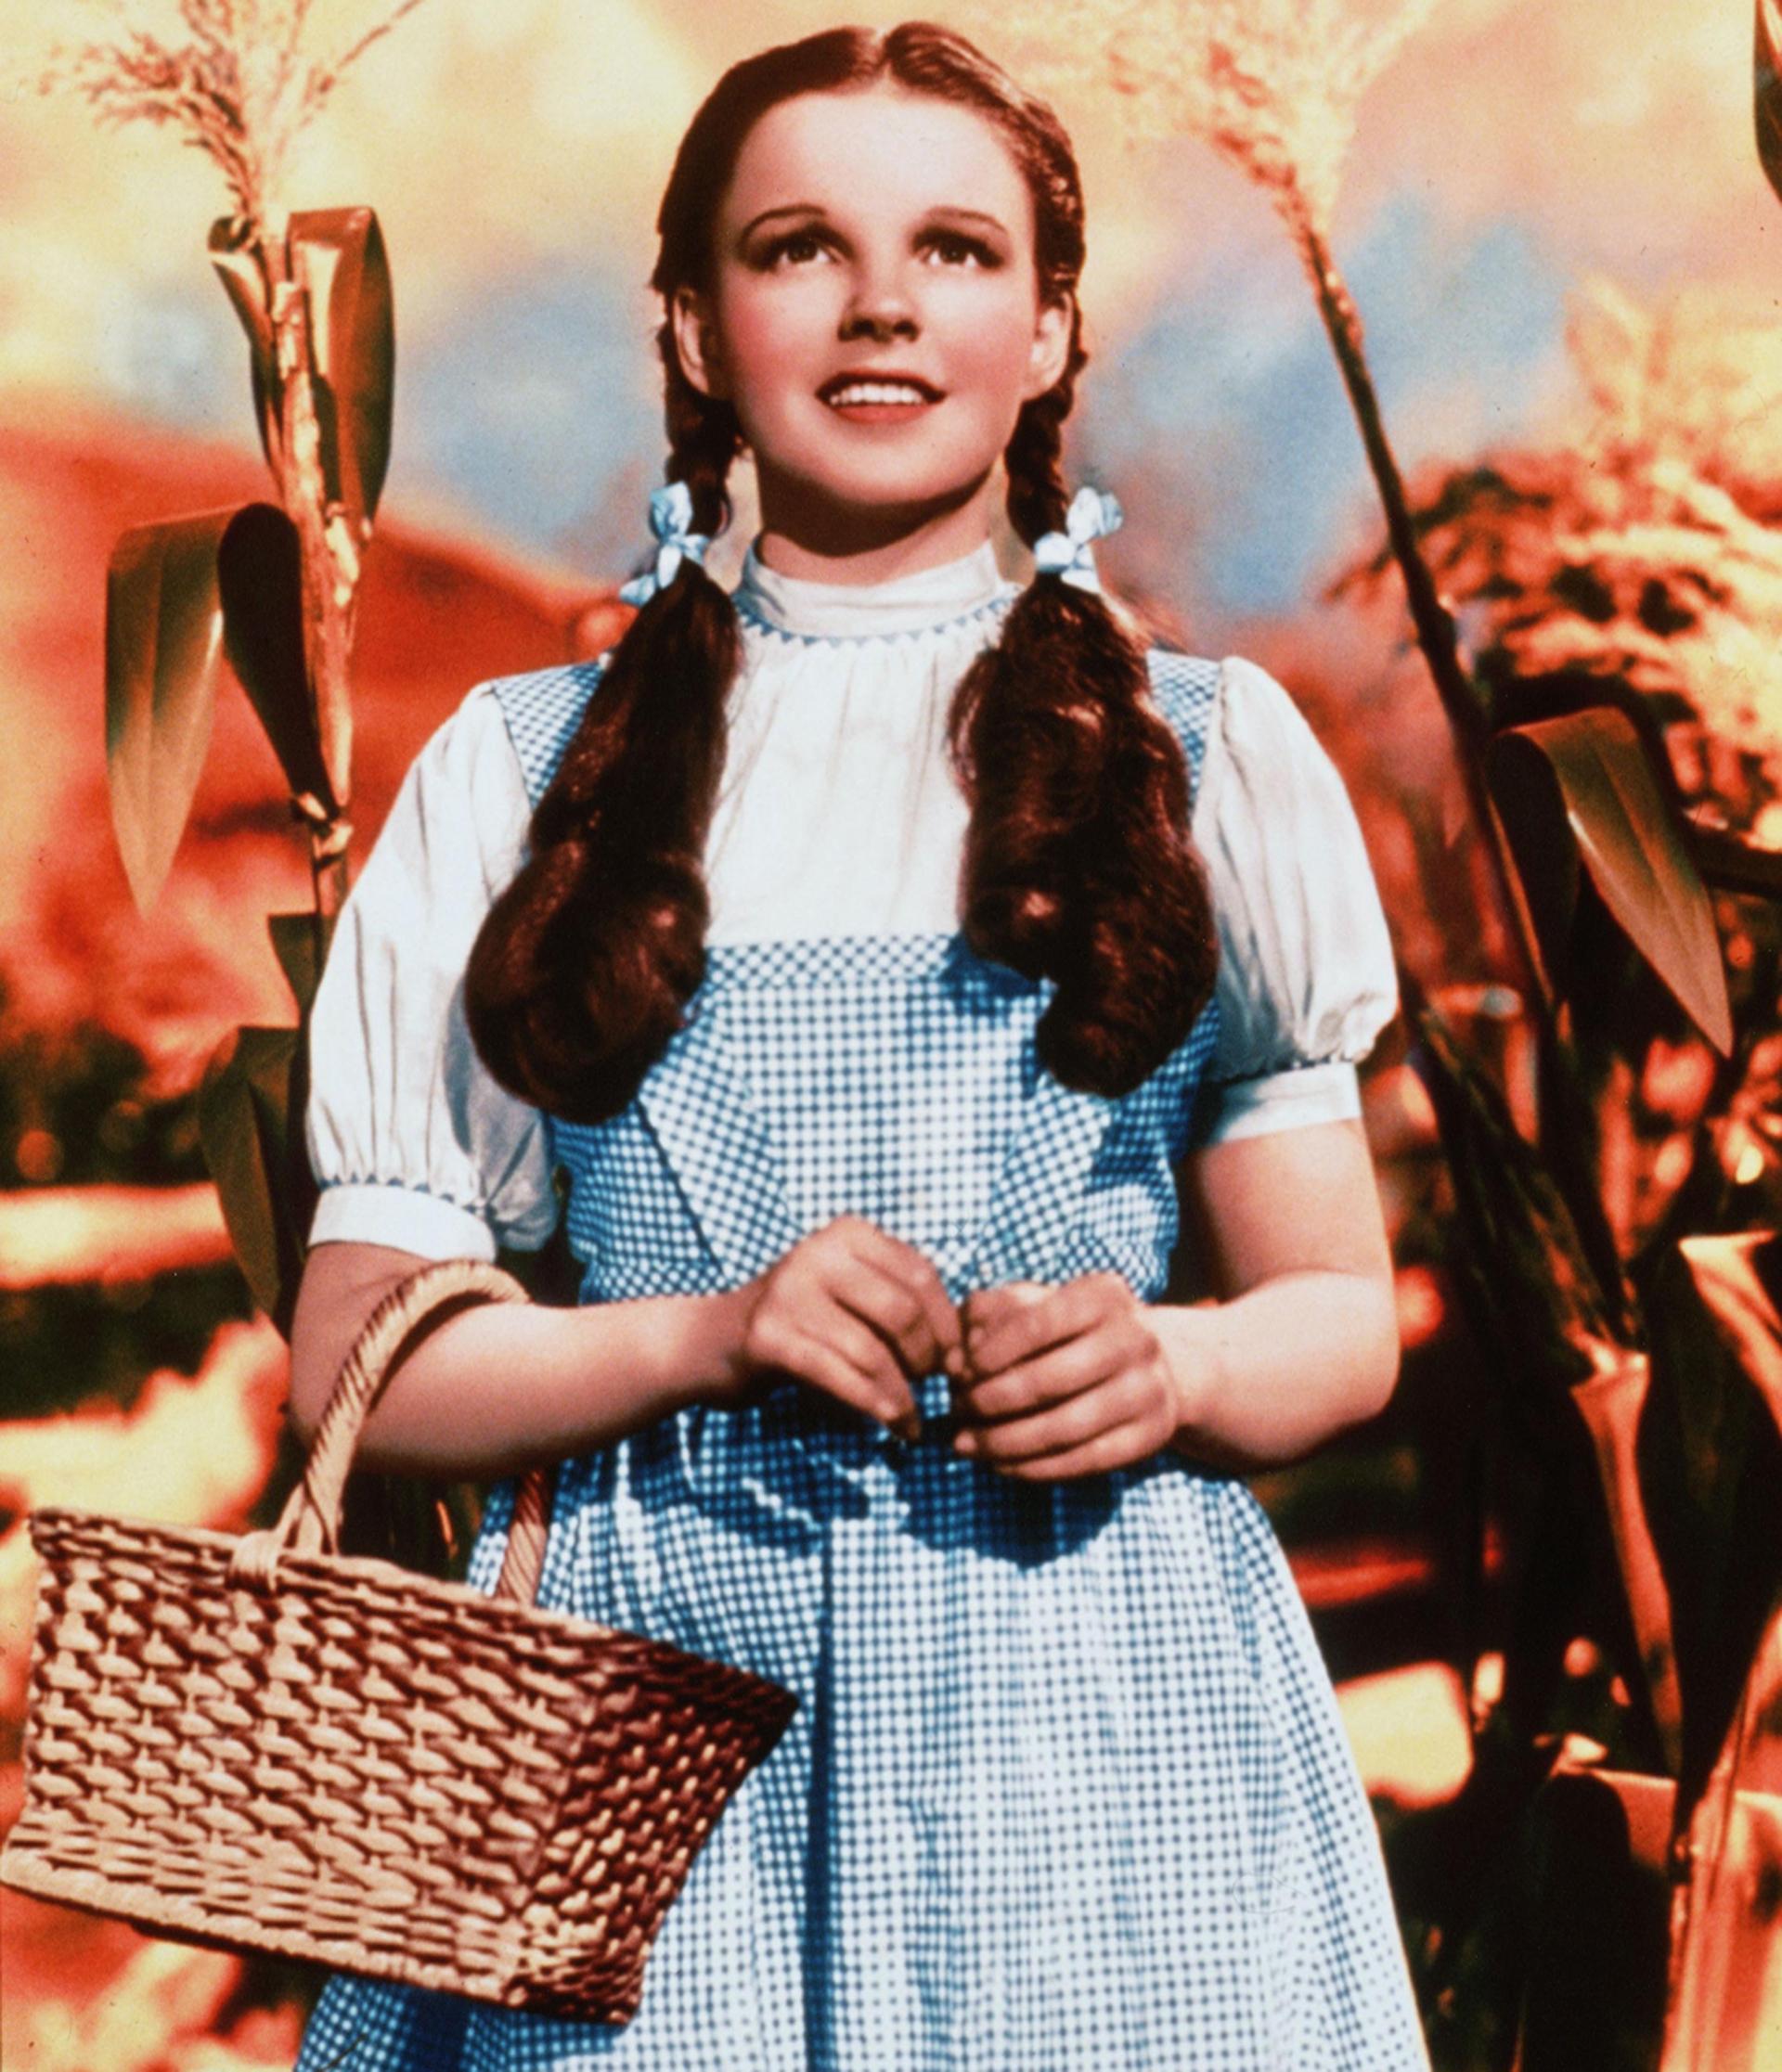 Judy Garland como Dorothy Gale, de 'El mago de OZ', fue la pionera de la tendencia de las superposiciones. Vestido en vichy en celeste y blanco junto a una camisa con mangas globo. El accesorio que la identificaba era el 'basket bag' de mimbre y en su cabello colorado, dos colitas bajas con cintas